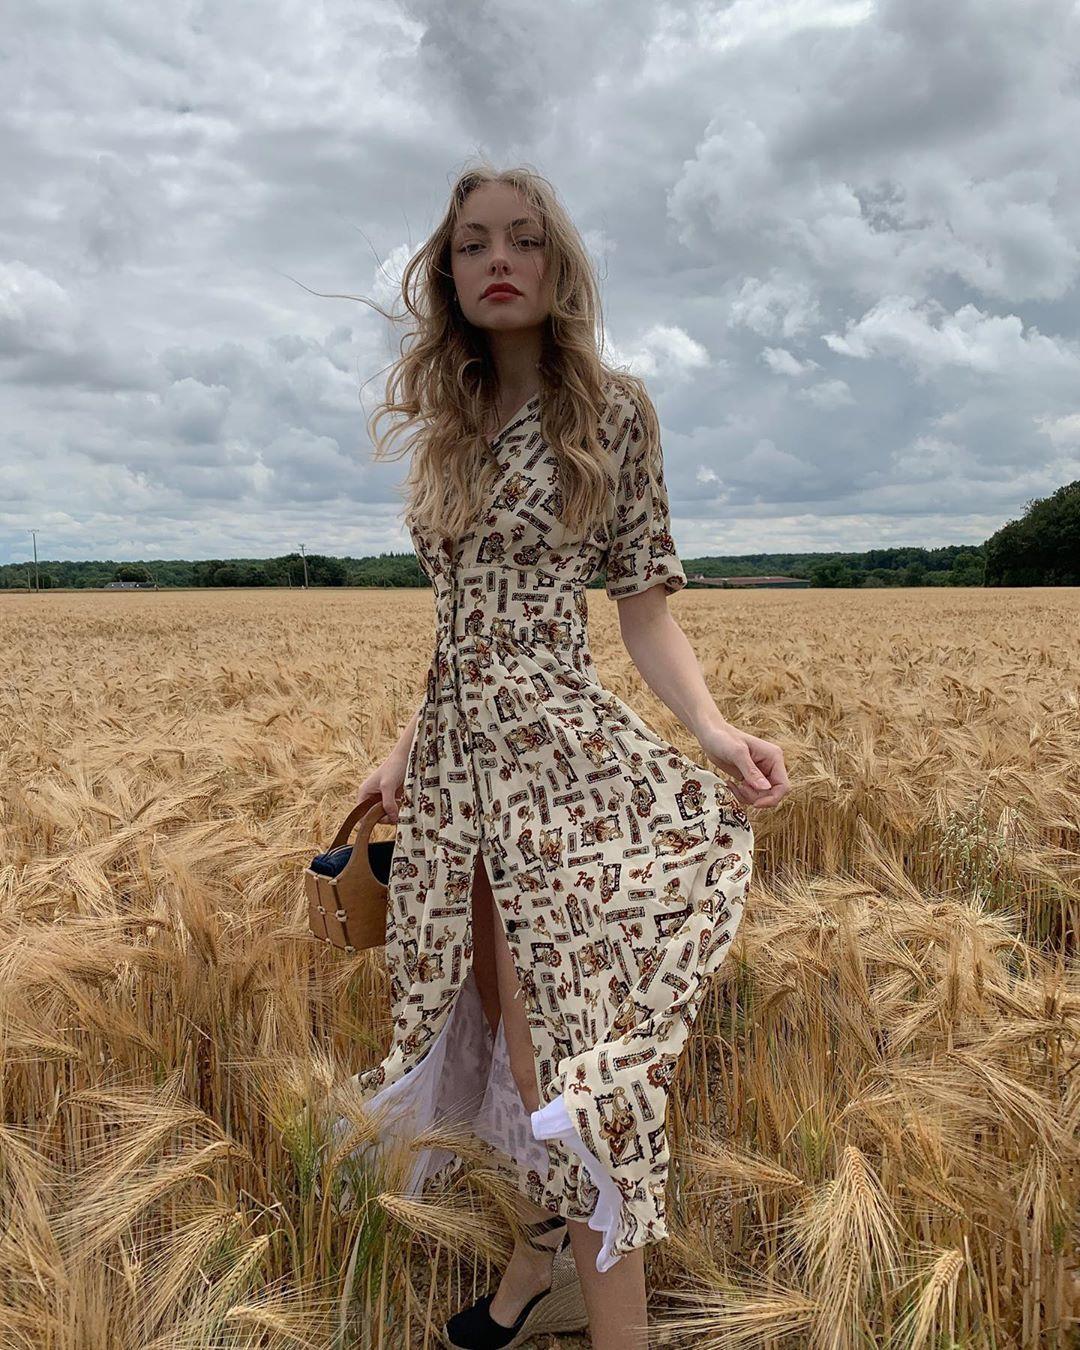 Trời se lạnh mà 'quẩy' váy dáng dài là style sẽ yêu kiều như gái Pháp, điểm sang chảnh cũng tăng ngùn ngụt 8